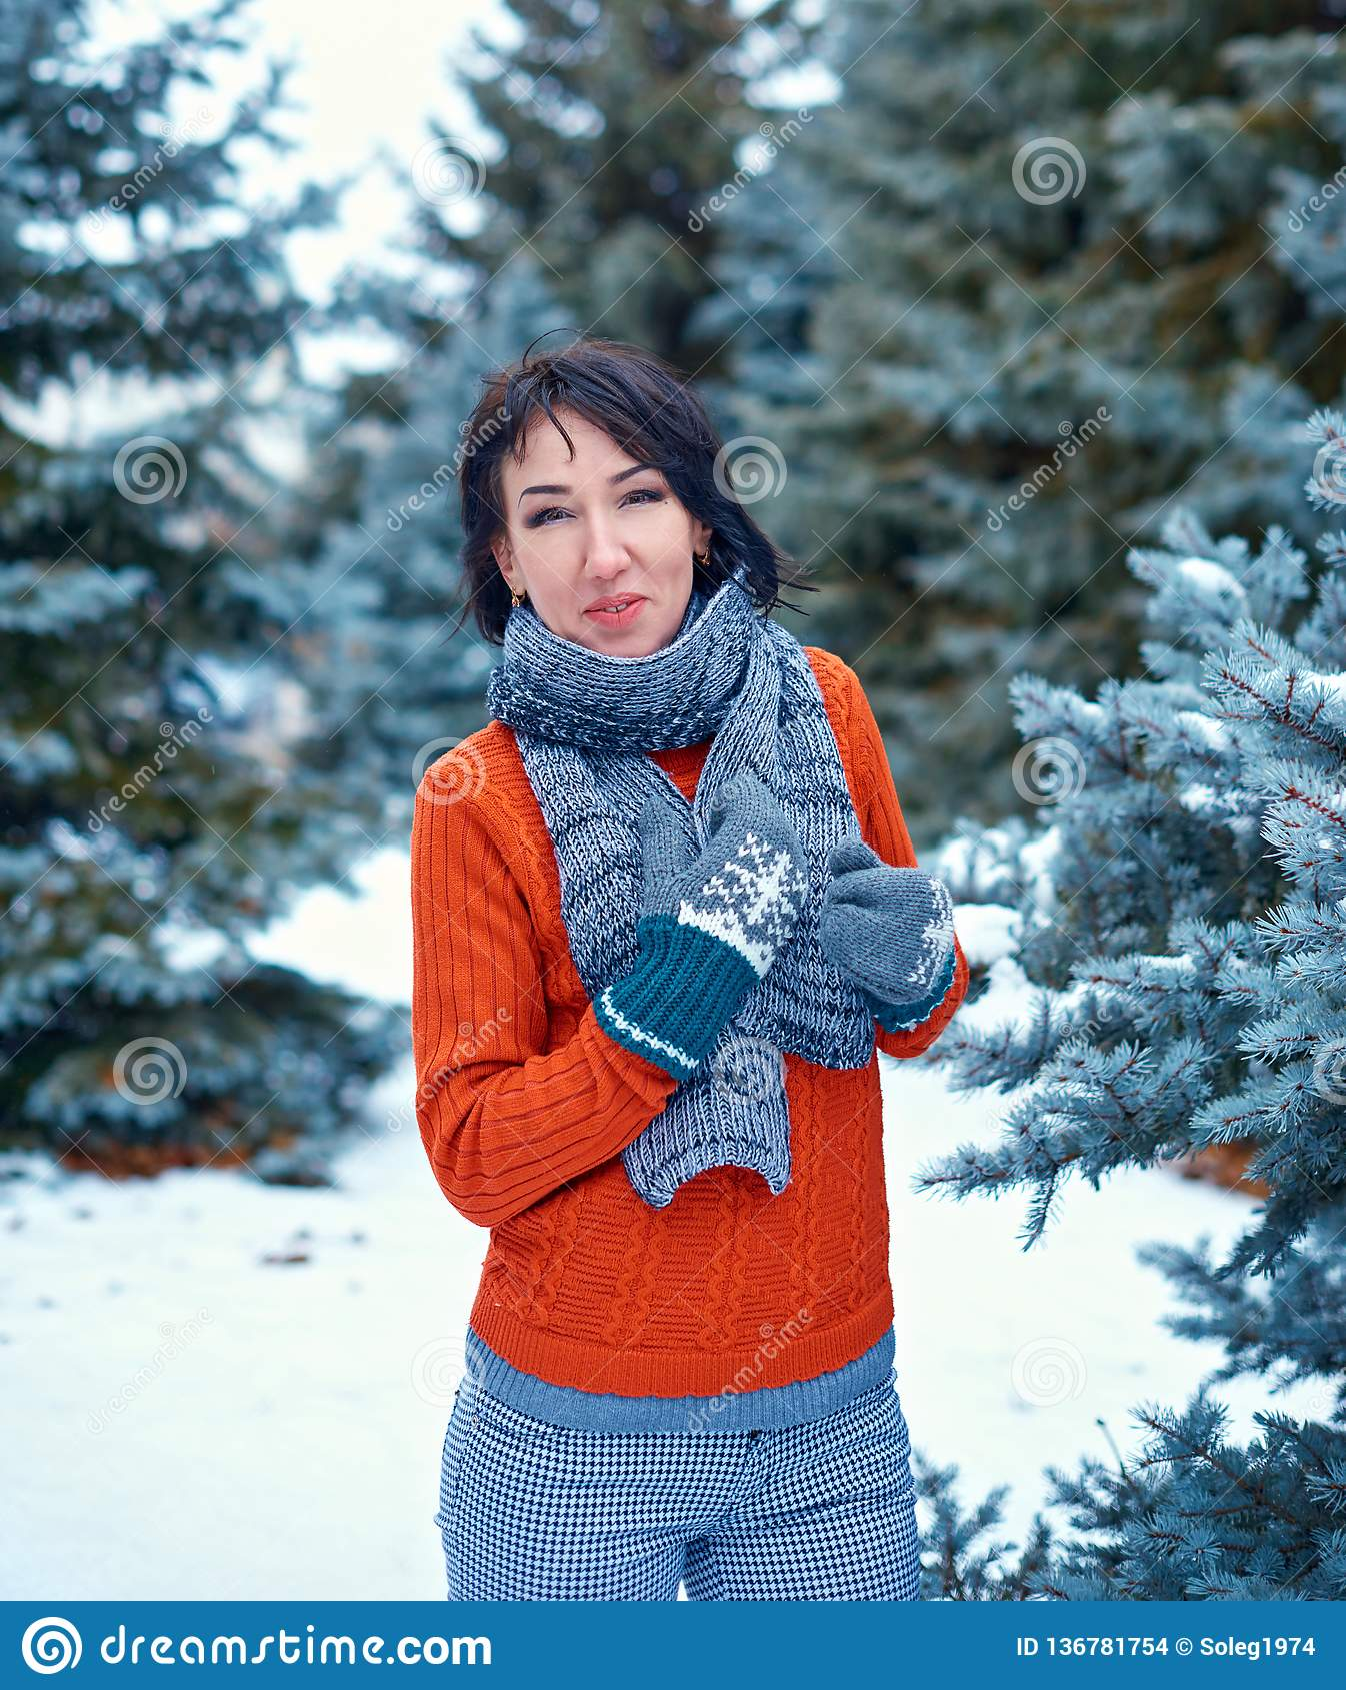 Frau wirft im Winterwald, schöne Landschaft mit schneebedeckten Tannenbäumen auf Angekleidet in der roten Strickjacke